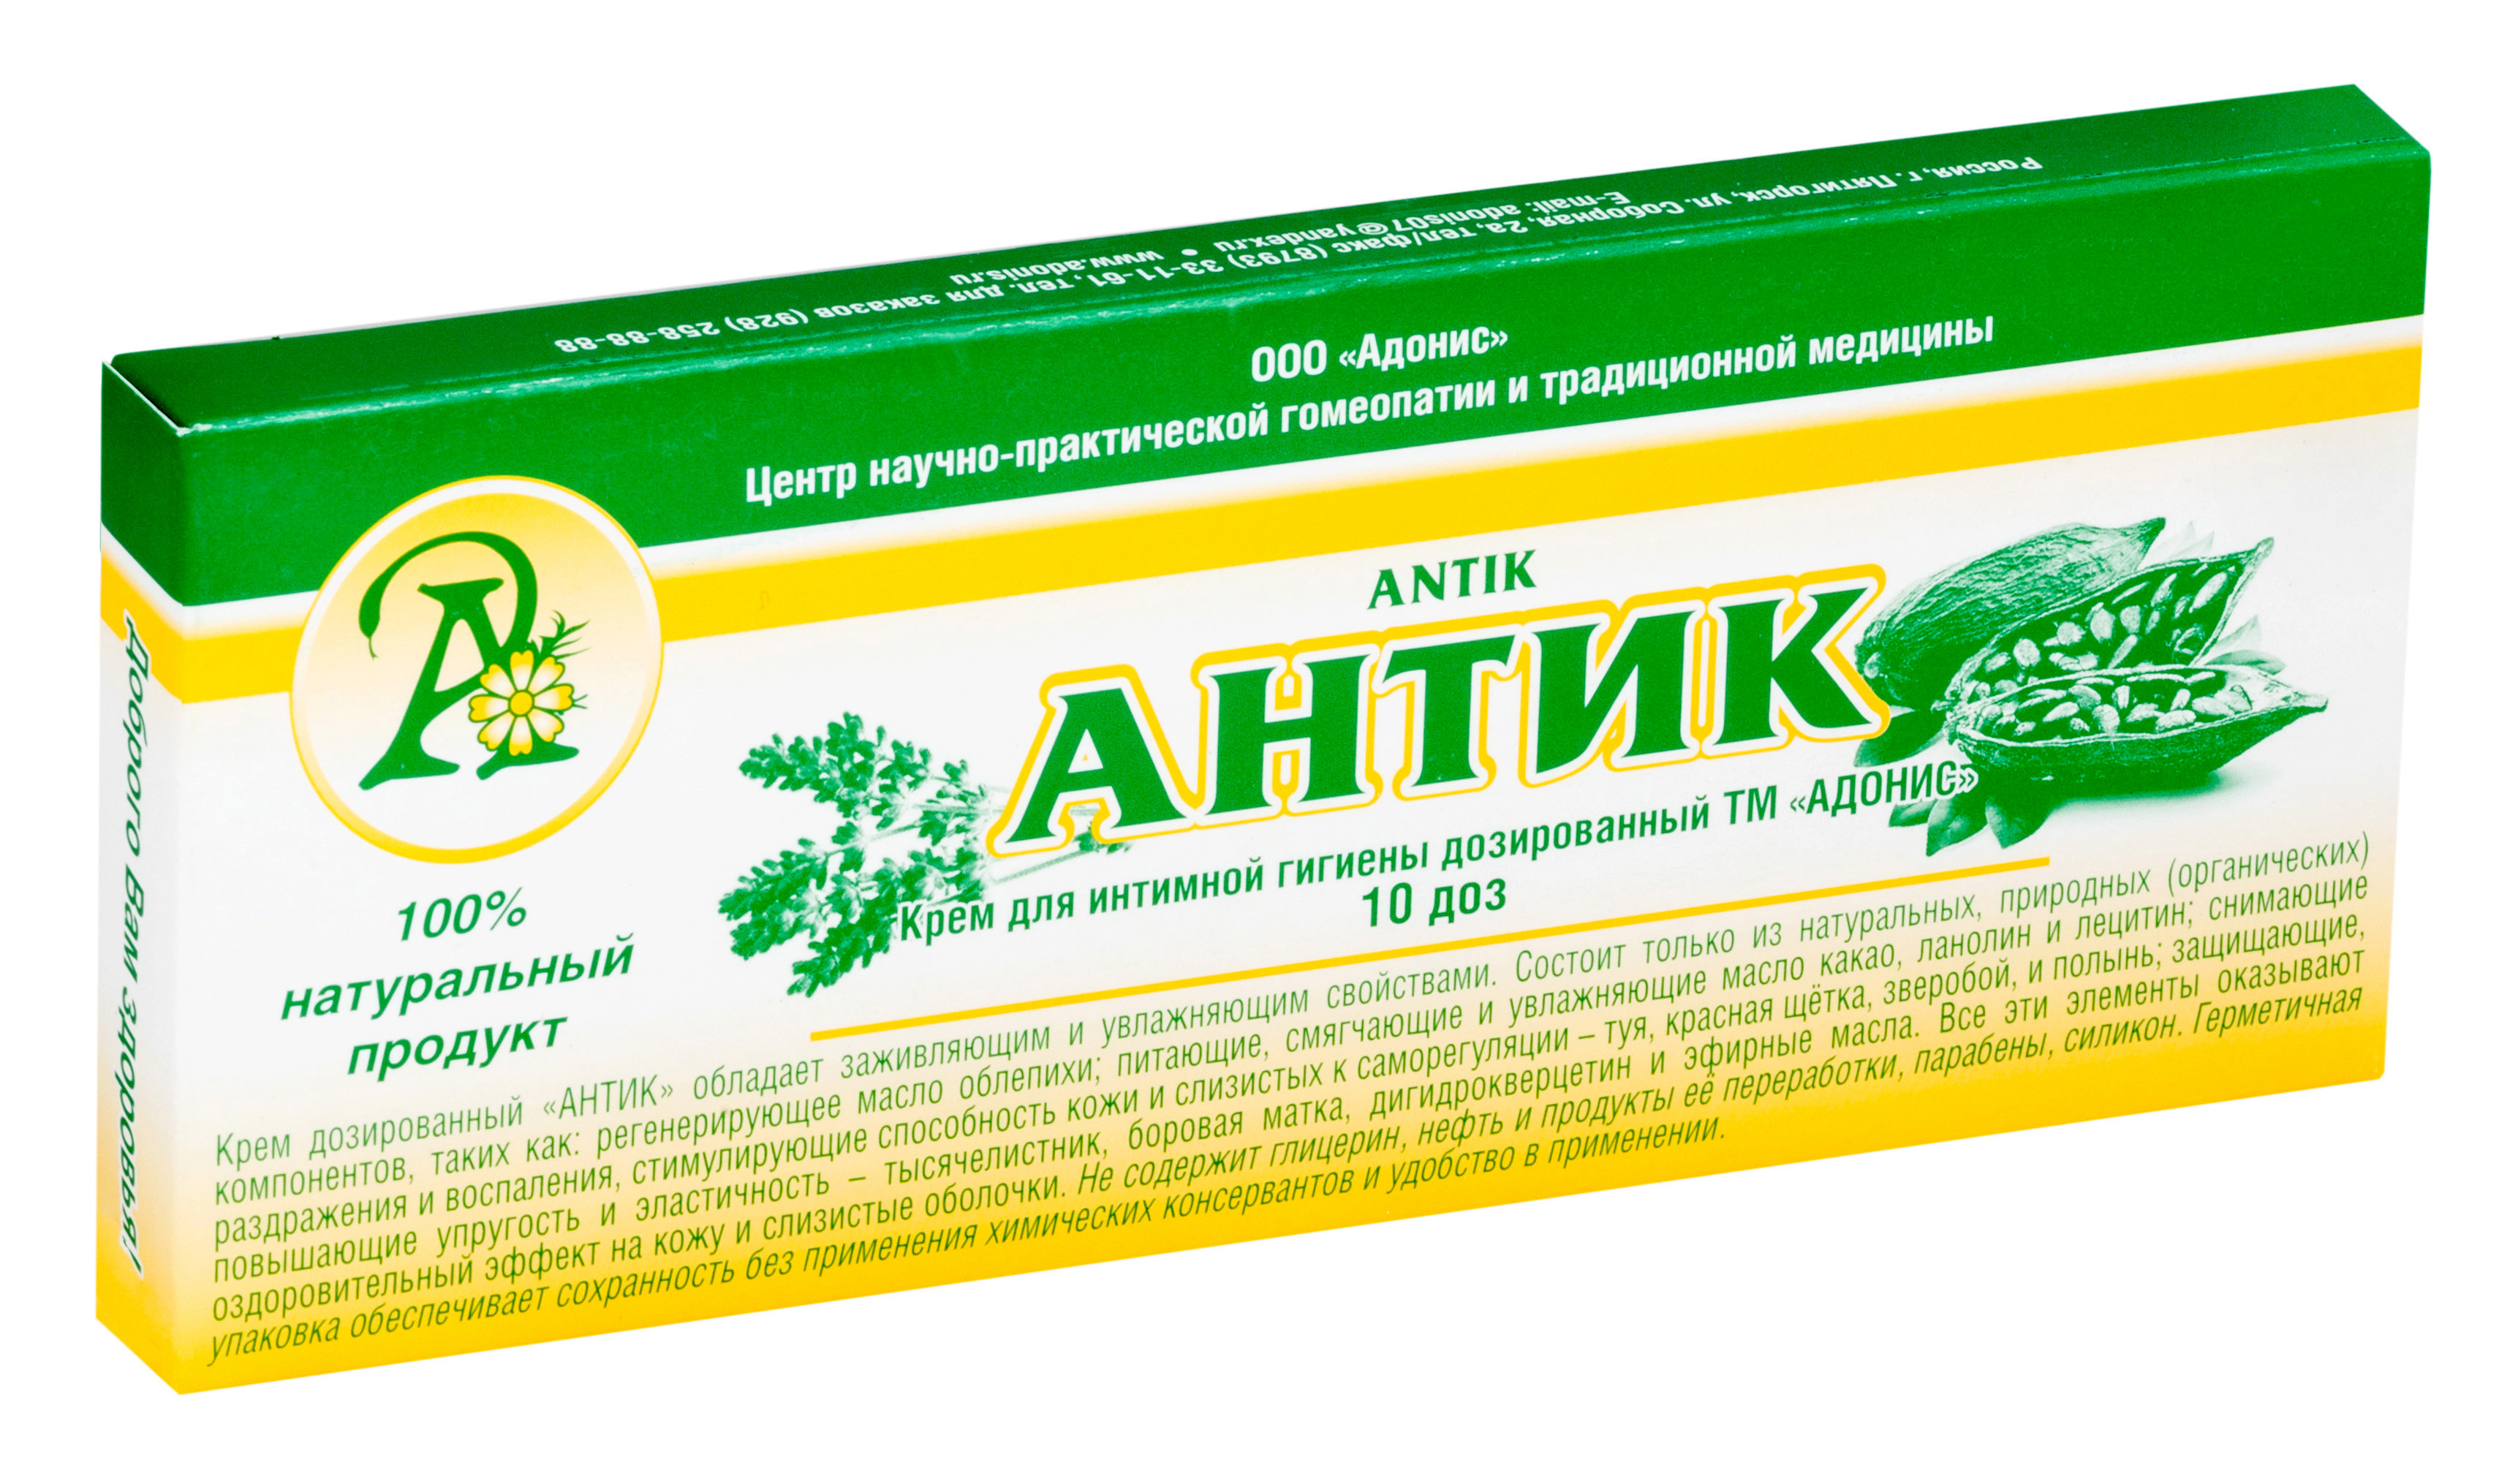 Антик крем для интимной гигиены дозированный №10